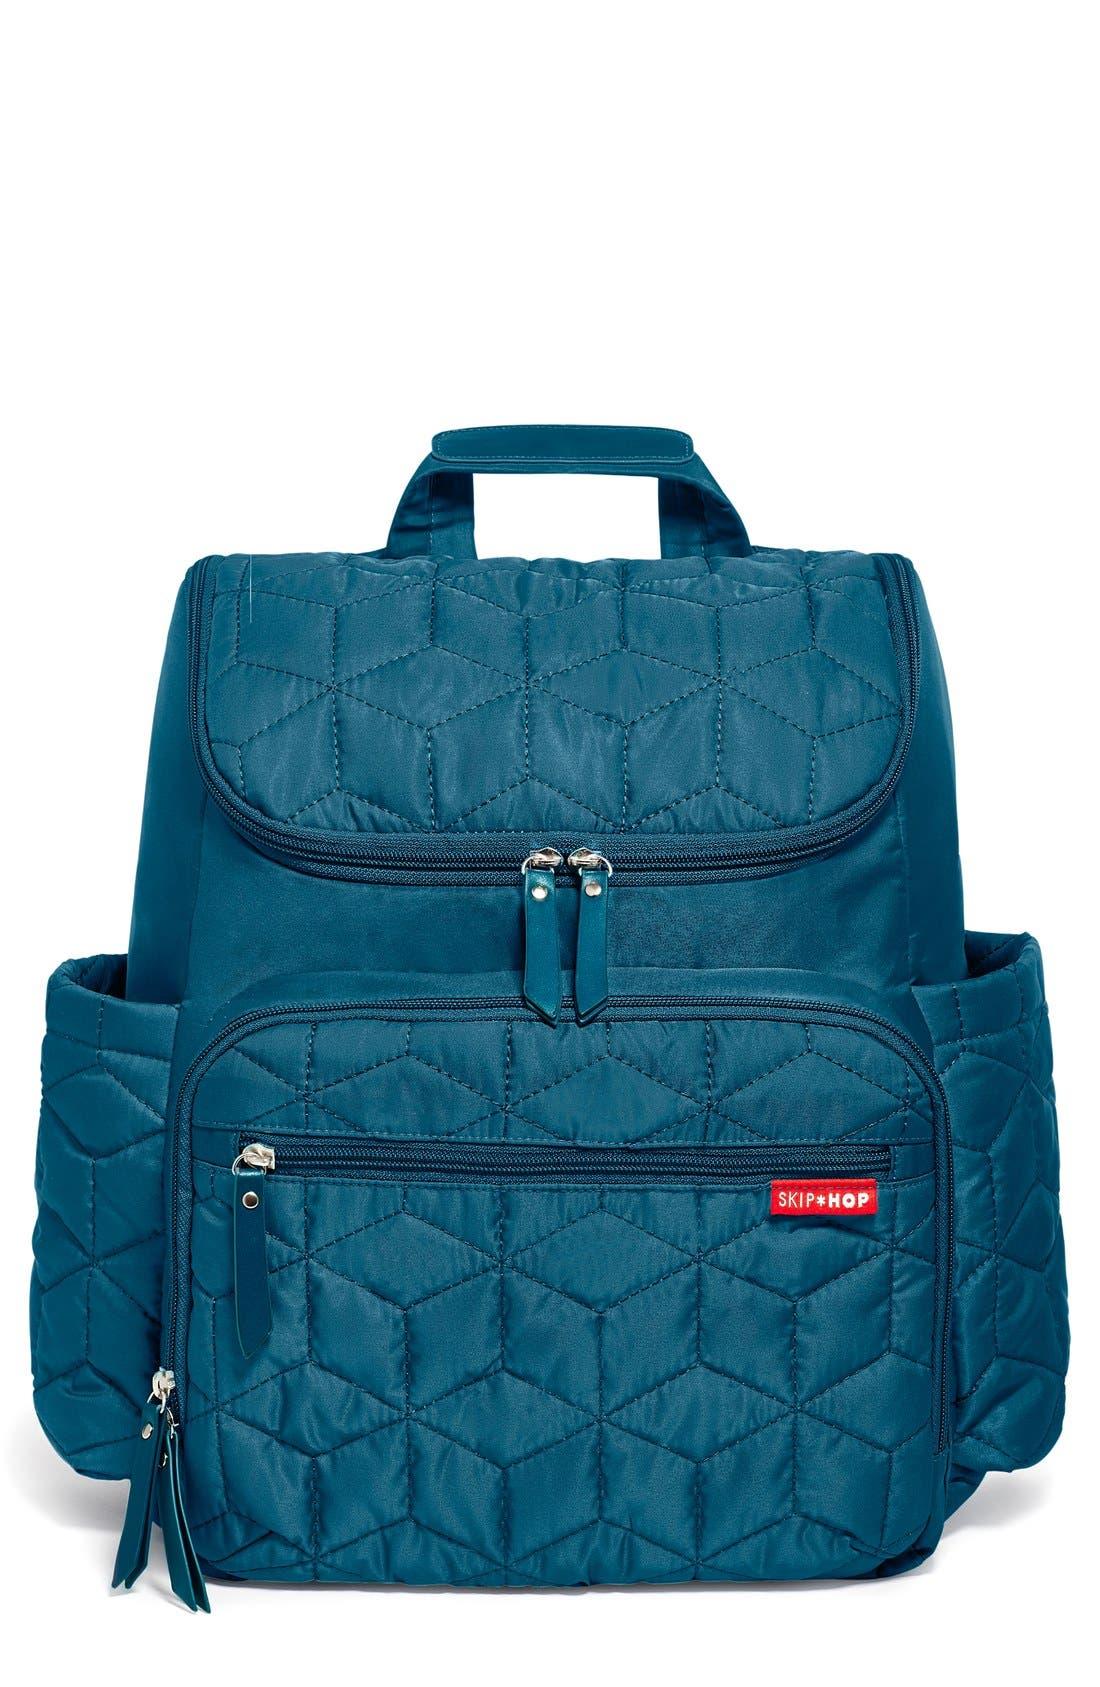 Infant Skip Hop Forma Diaper Backpack  Blue